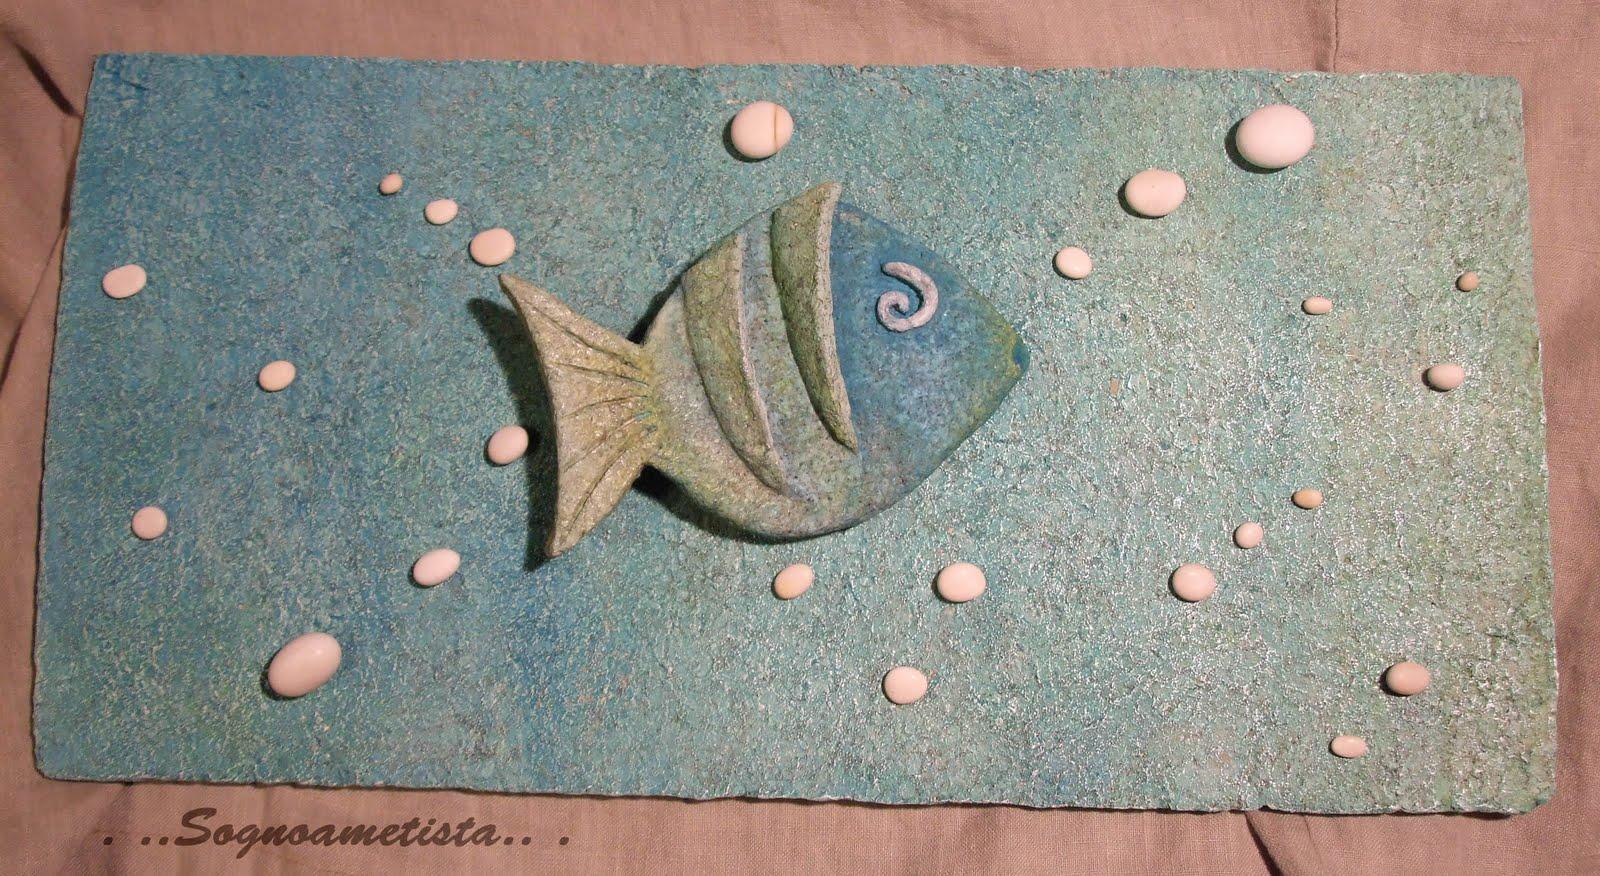 Sognoametista pannelli decorativi - Pannelli decorativi ...